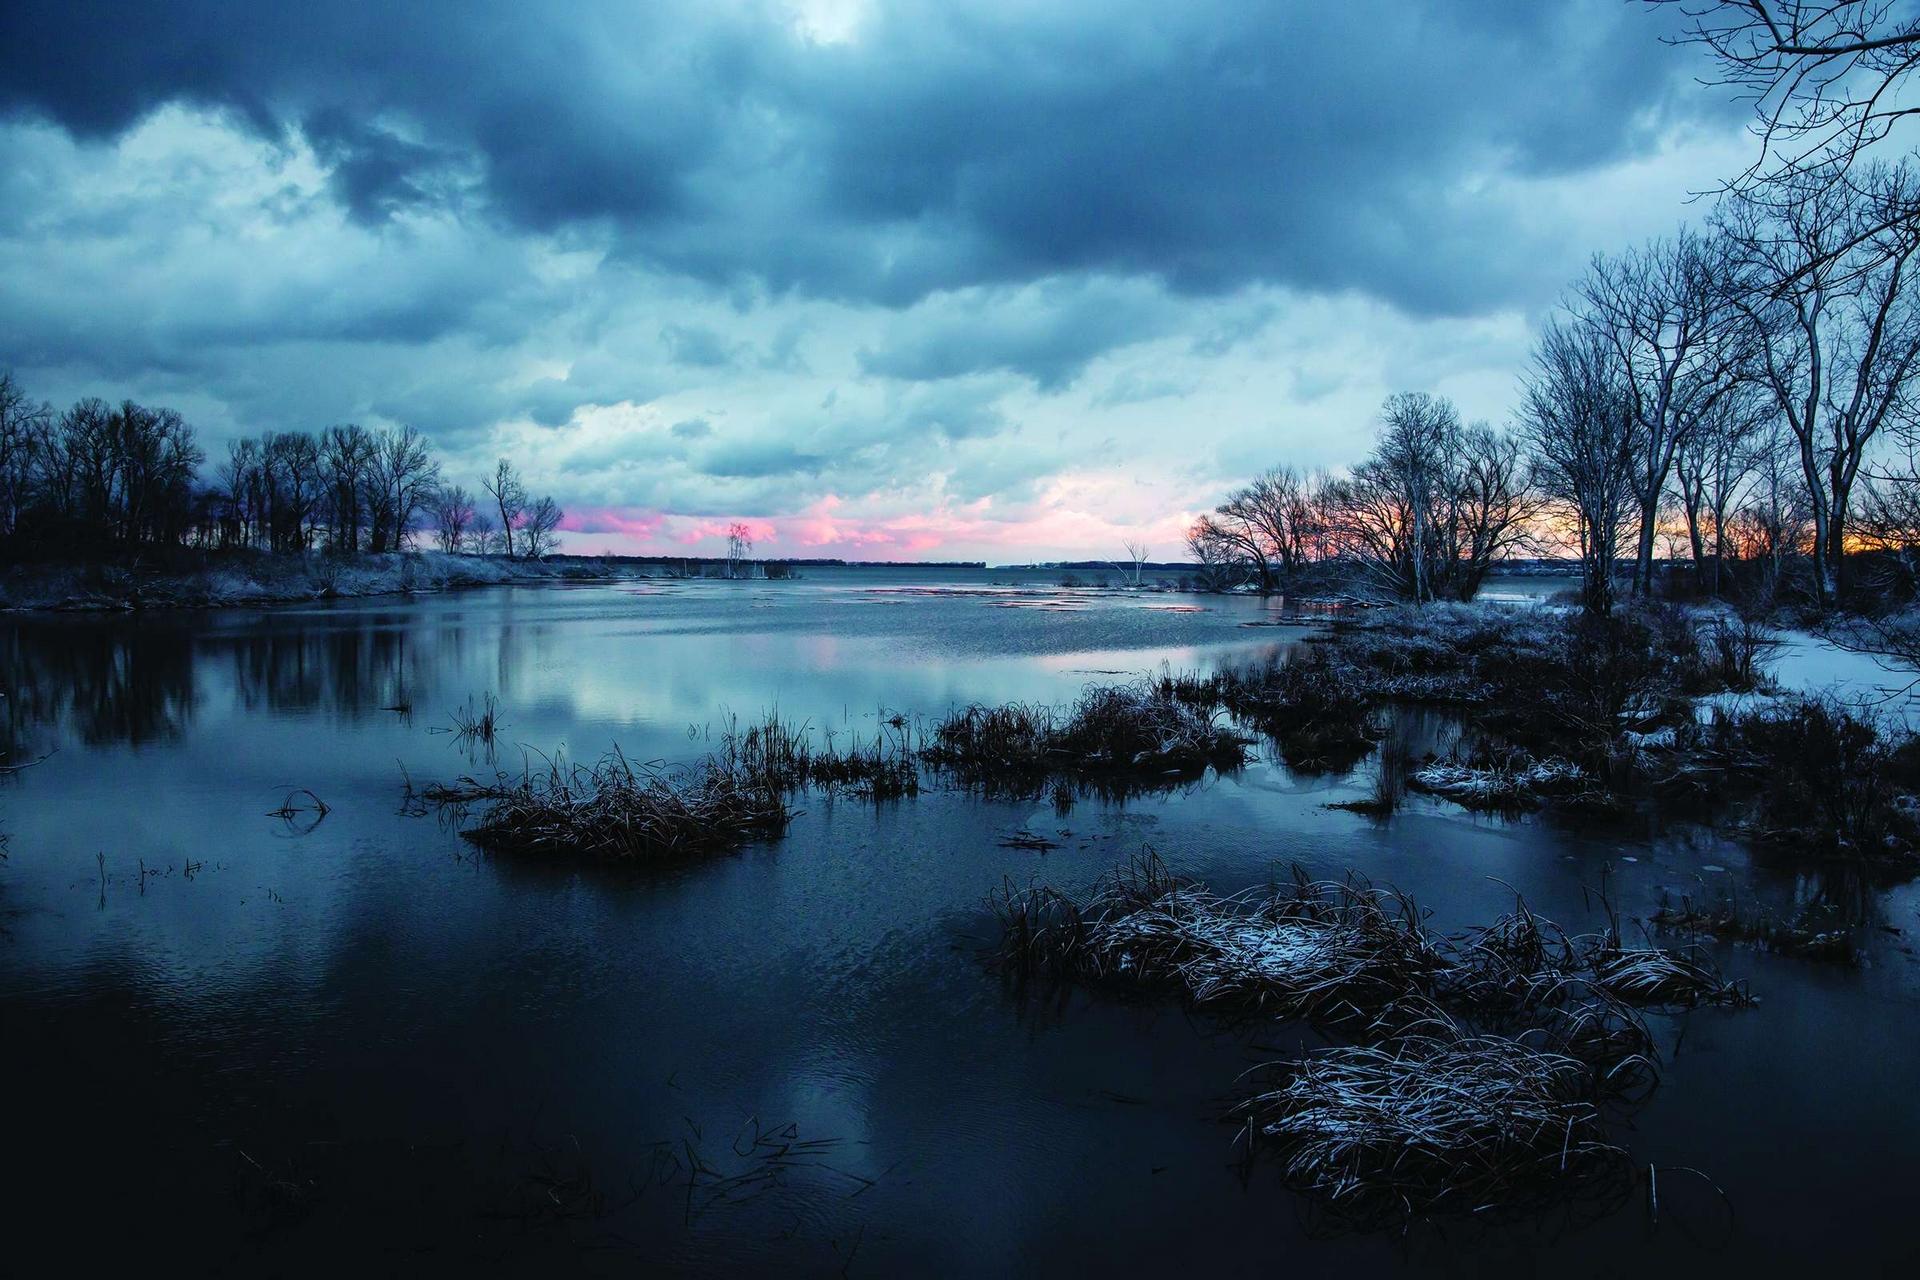 2020年1月8日伊利湖 隆冬1月的某一天,伊利湖普雷斯克島州立公園無冰的水面延伸至遠方,正是大湖區冬季日益變暖的證明。Photo by AMY SACKA(艾米.薩卡)